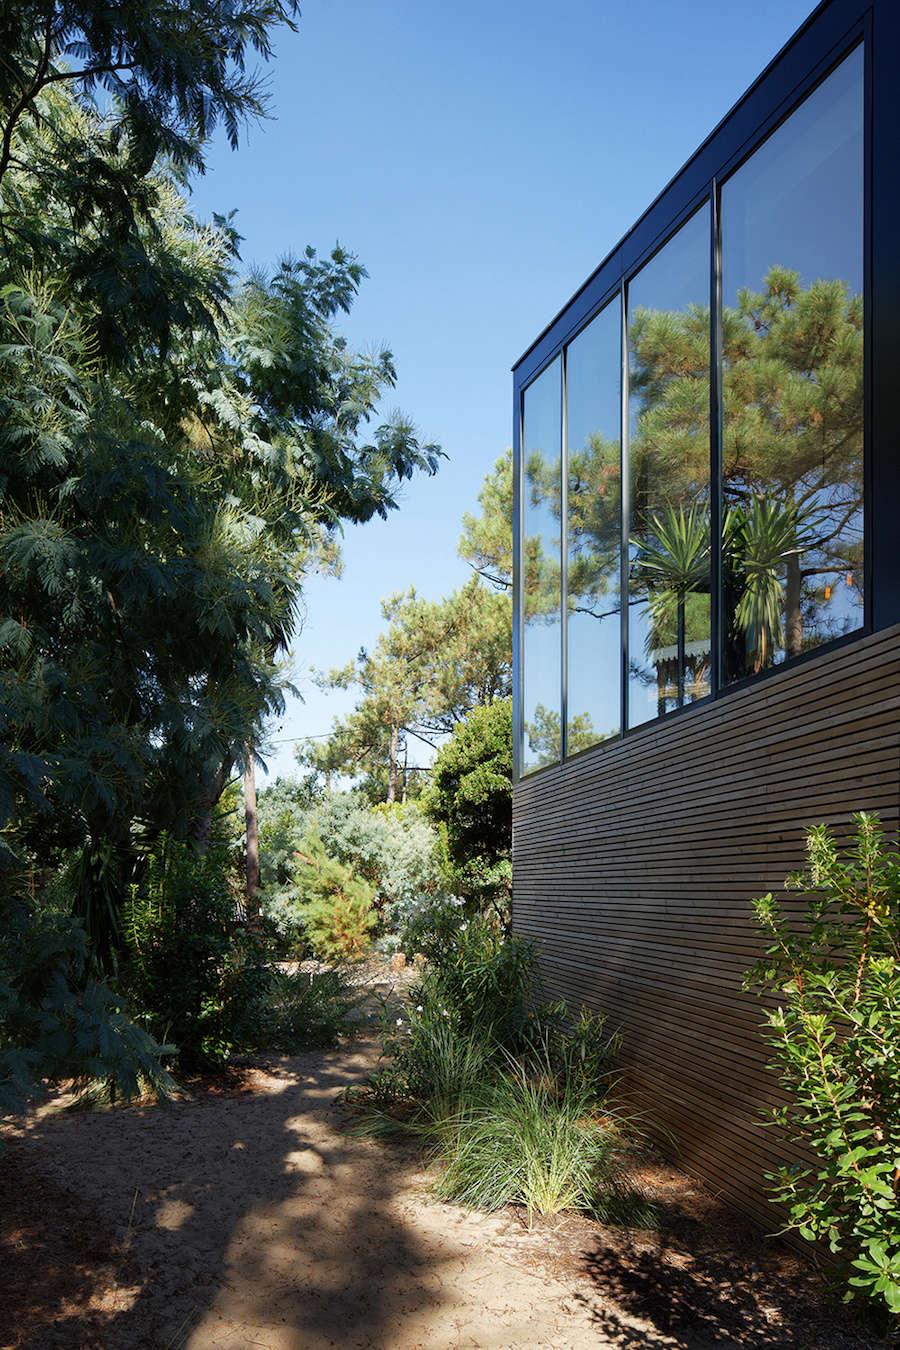 建筑师建筑师设计的设计师和设计师,以及罗罗塔·罗洛克